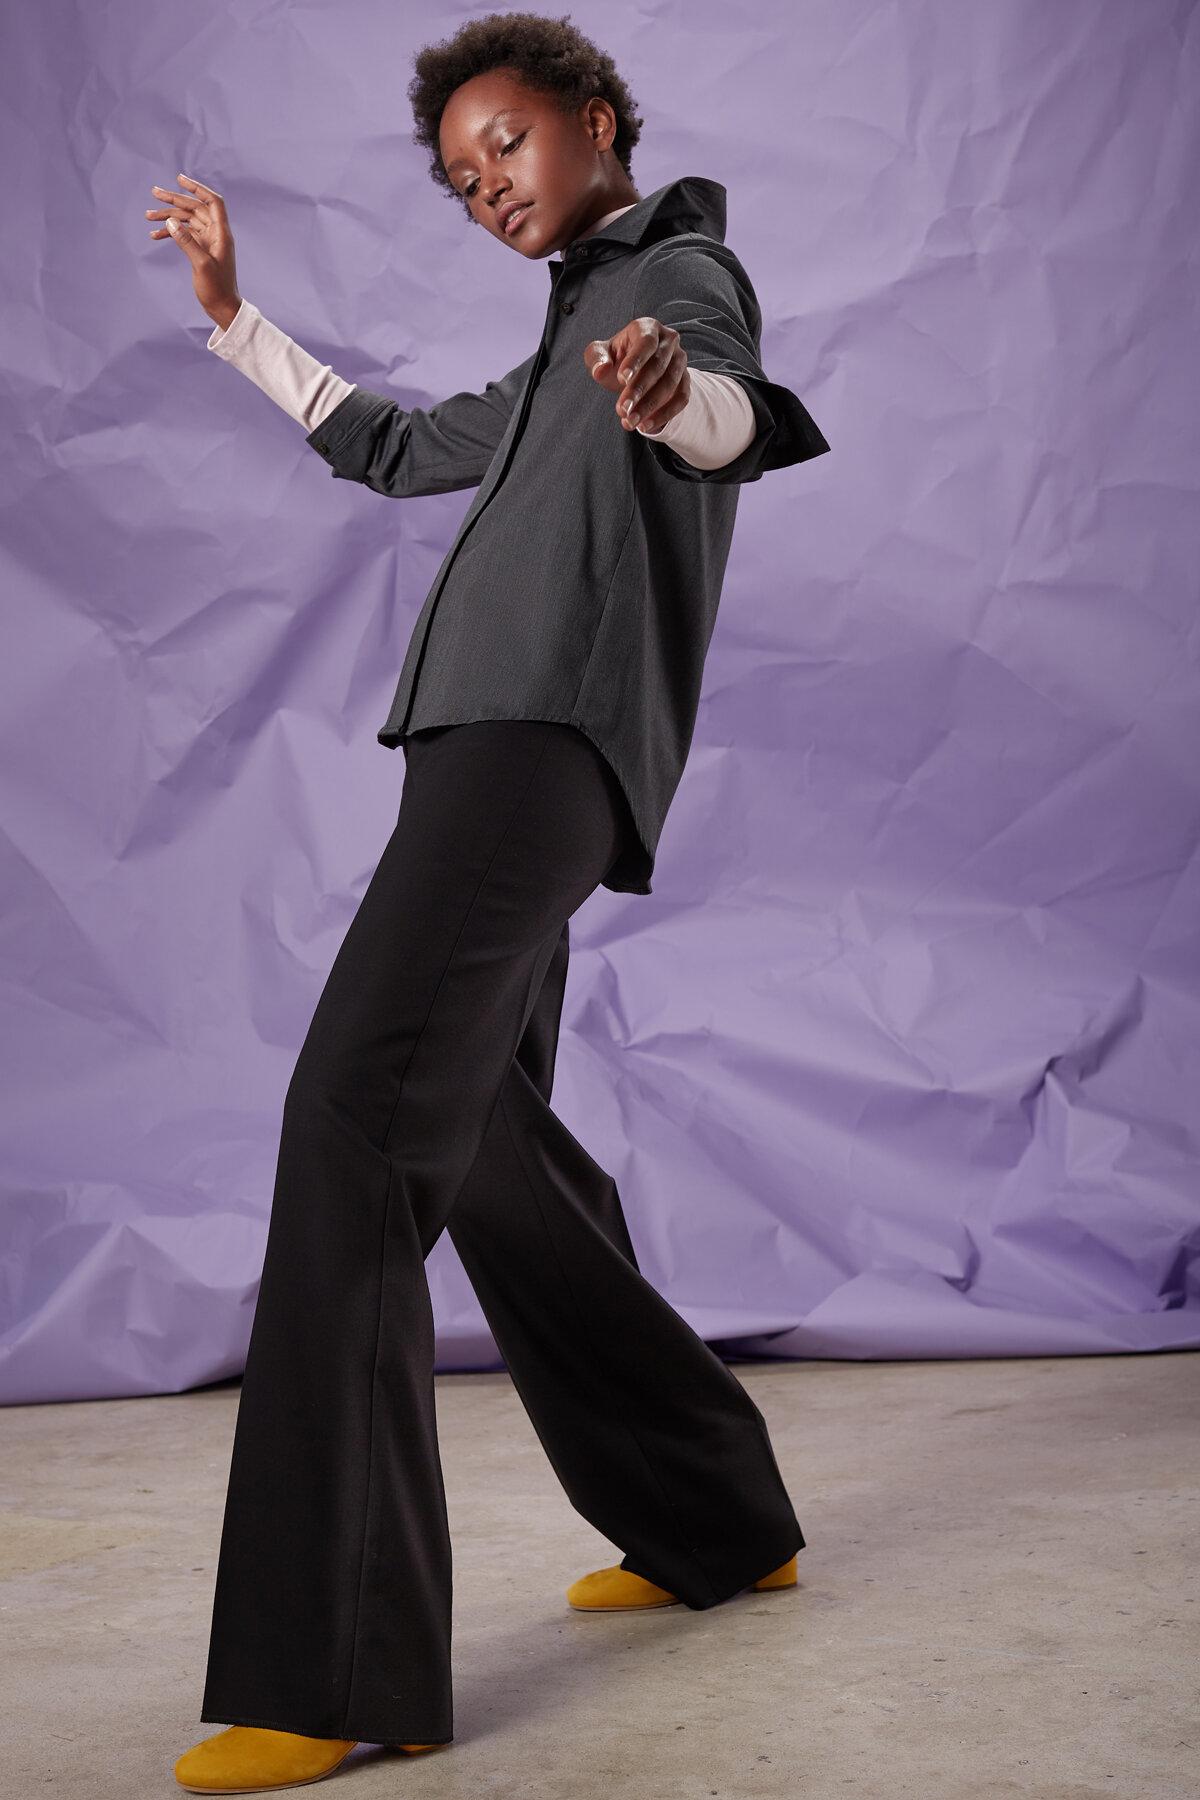 Elegante Schurwoll–Hose mit 3 kleinen Taschen, hohem Taillebund und weitem Bein